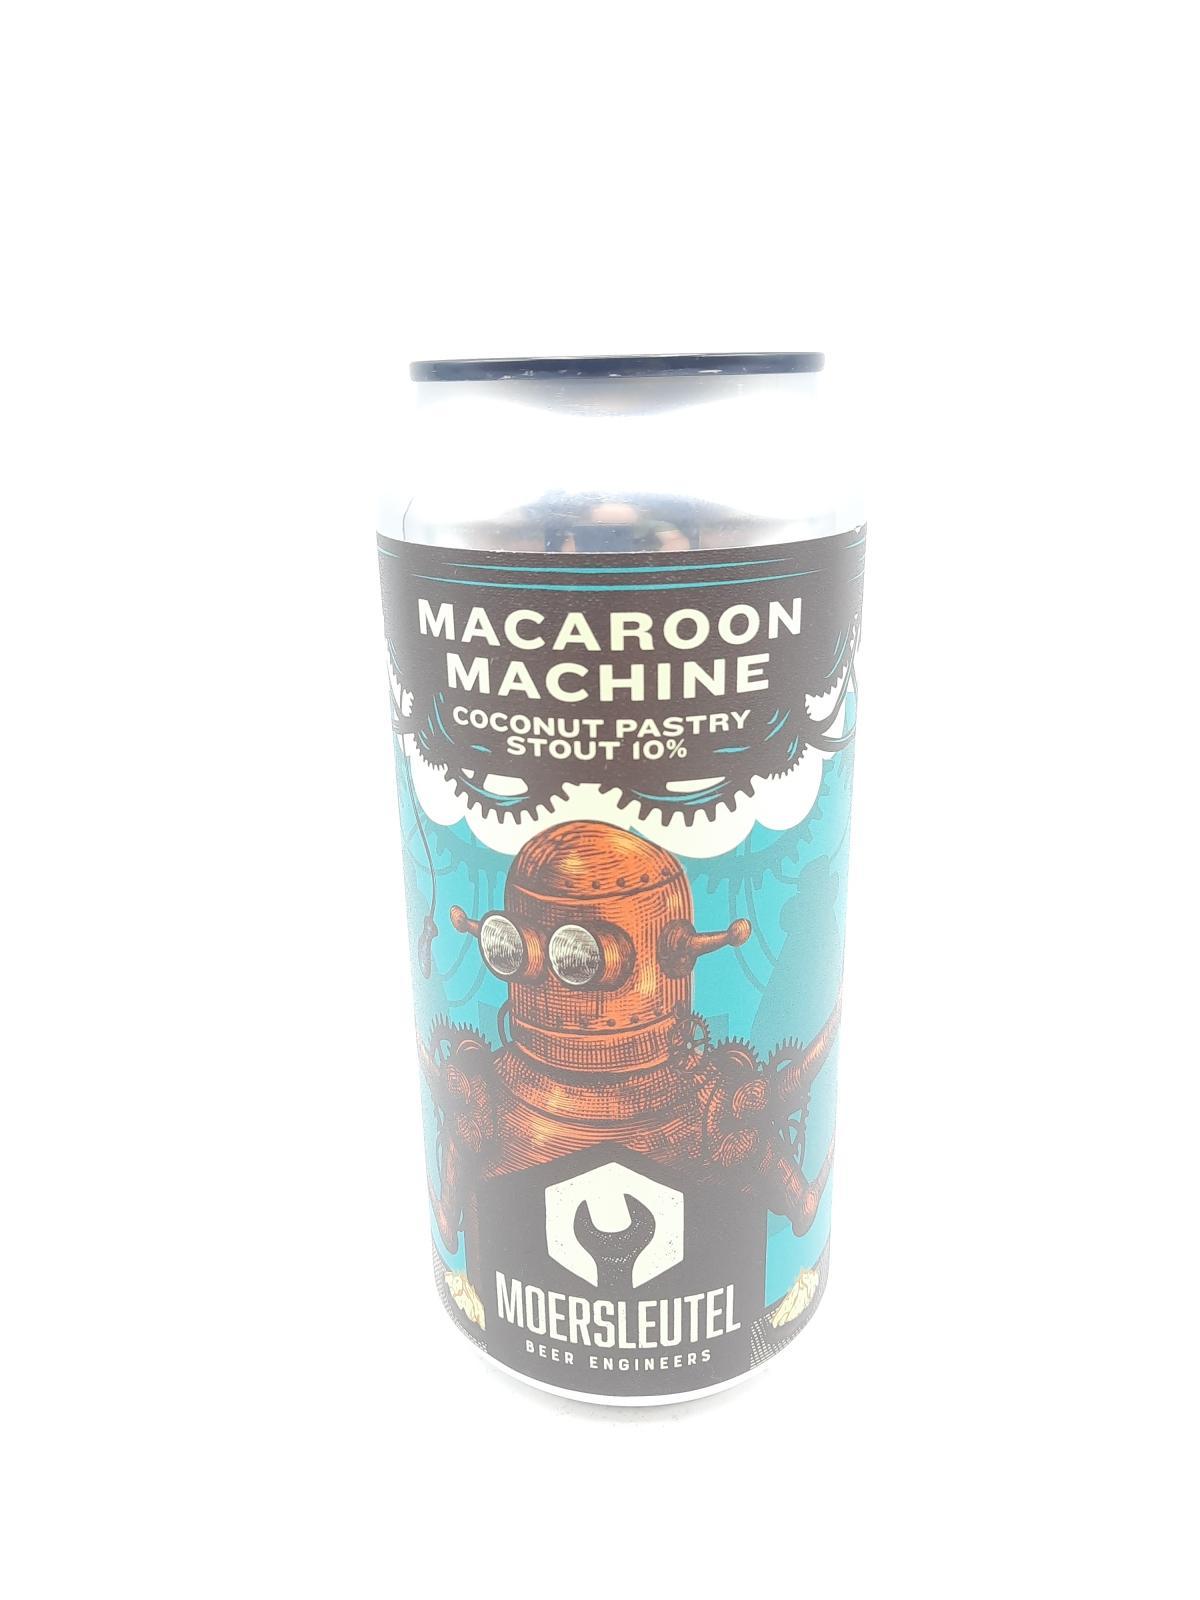 Image Macaroon Machine